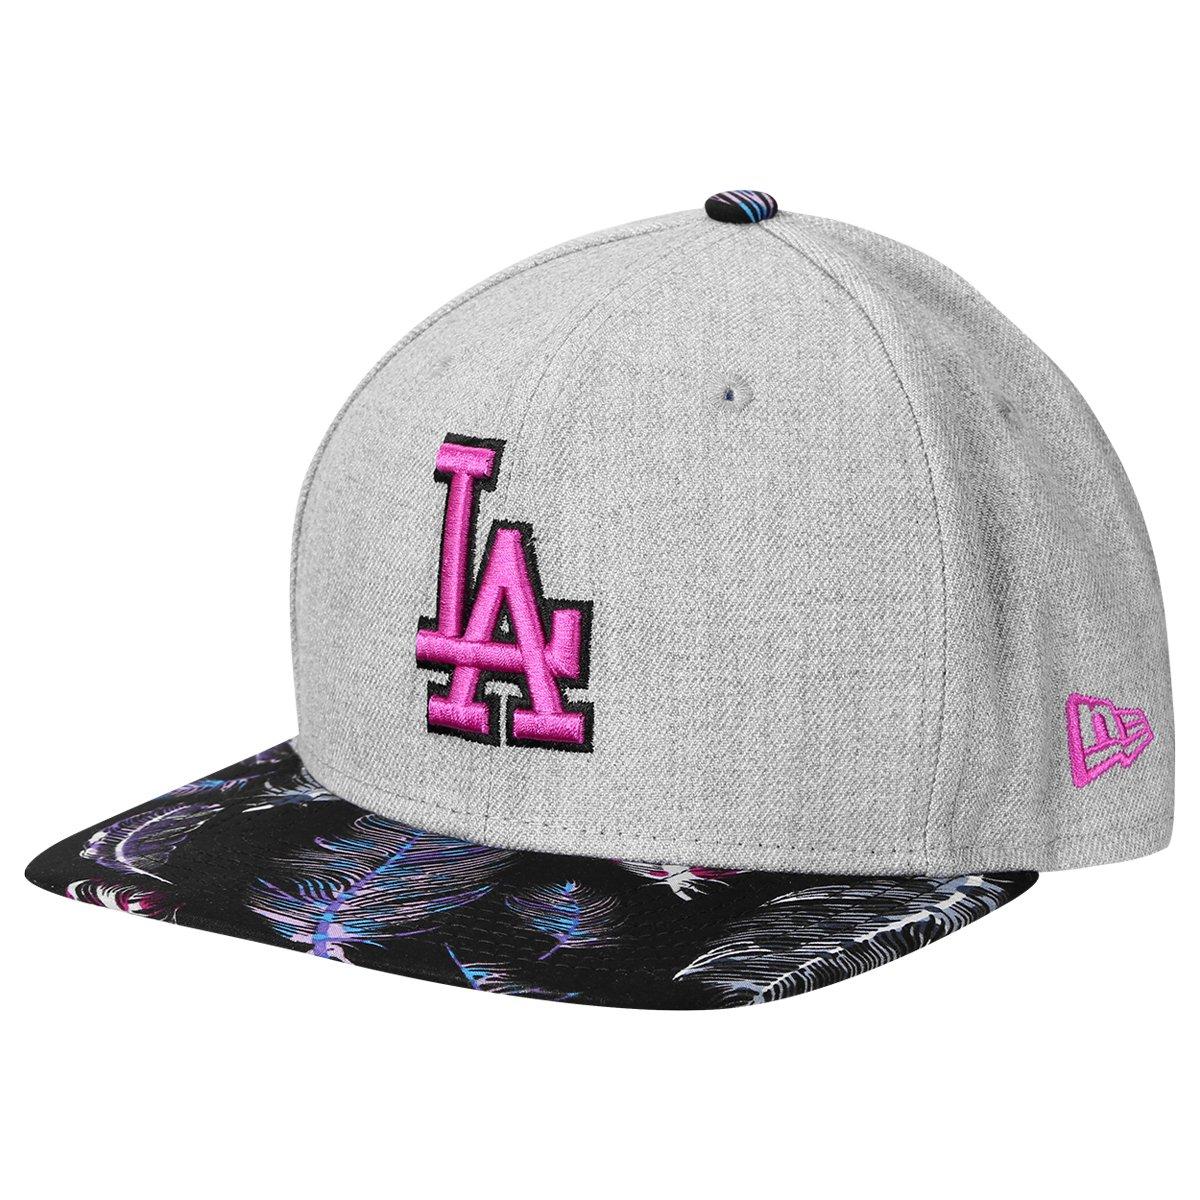 Boné New Era 950 MLB Los Angeles Dodgers - Compre Agora  f030af9d4e2